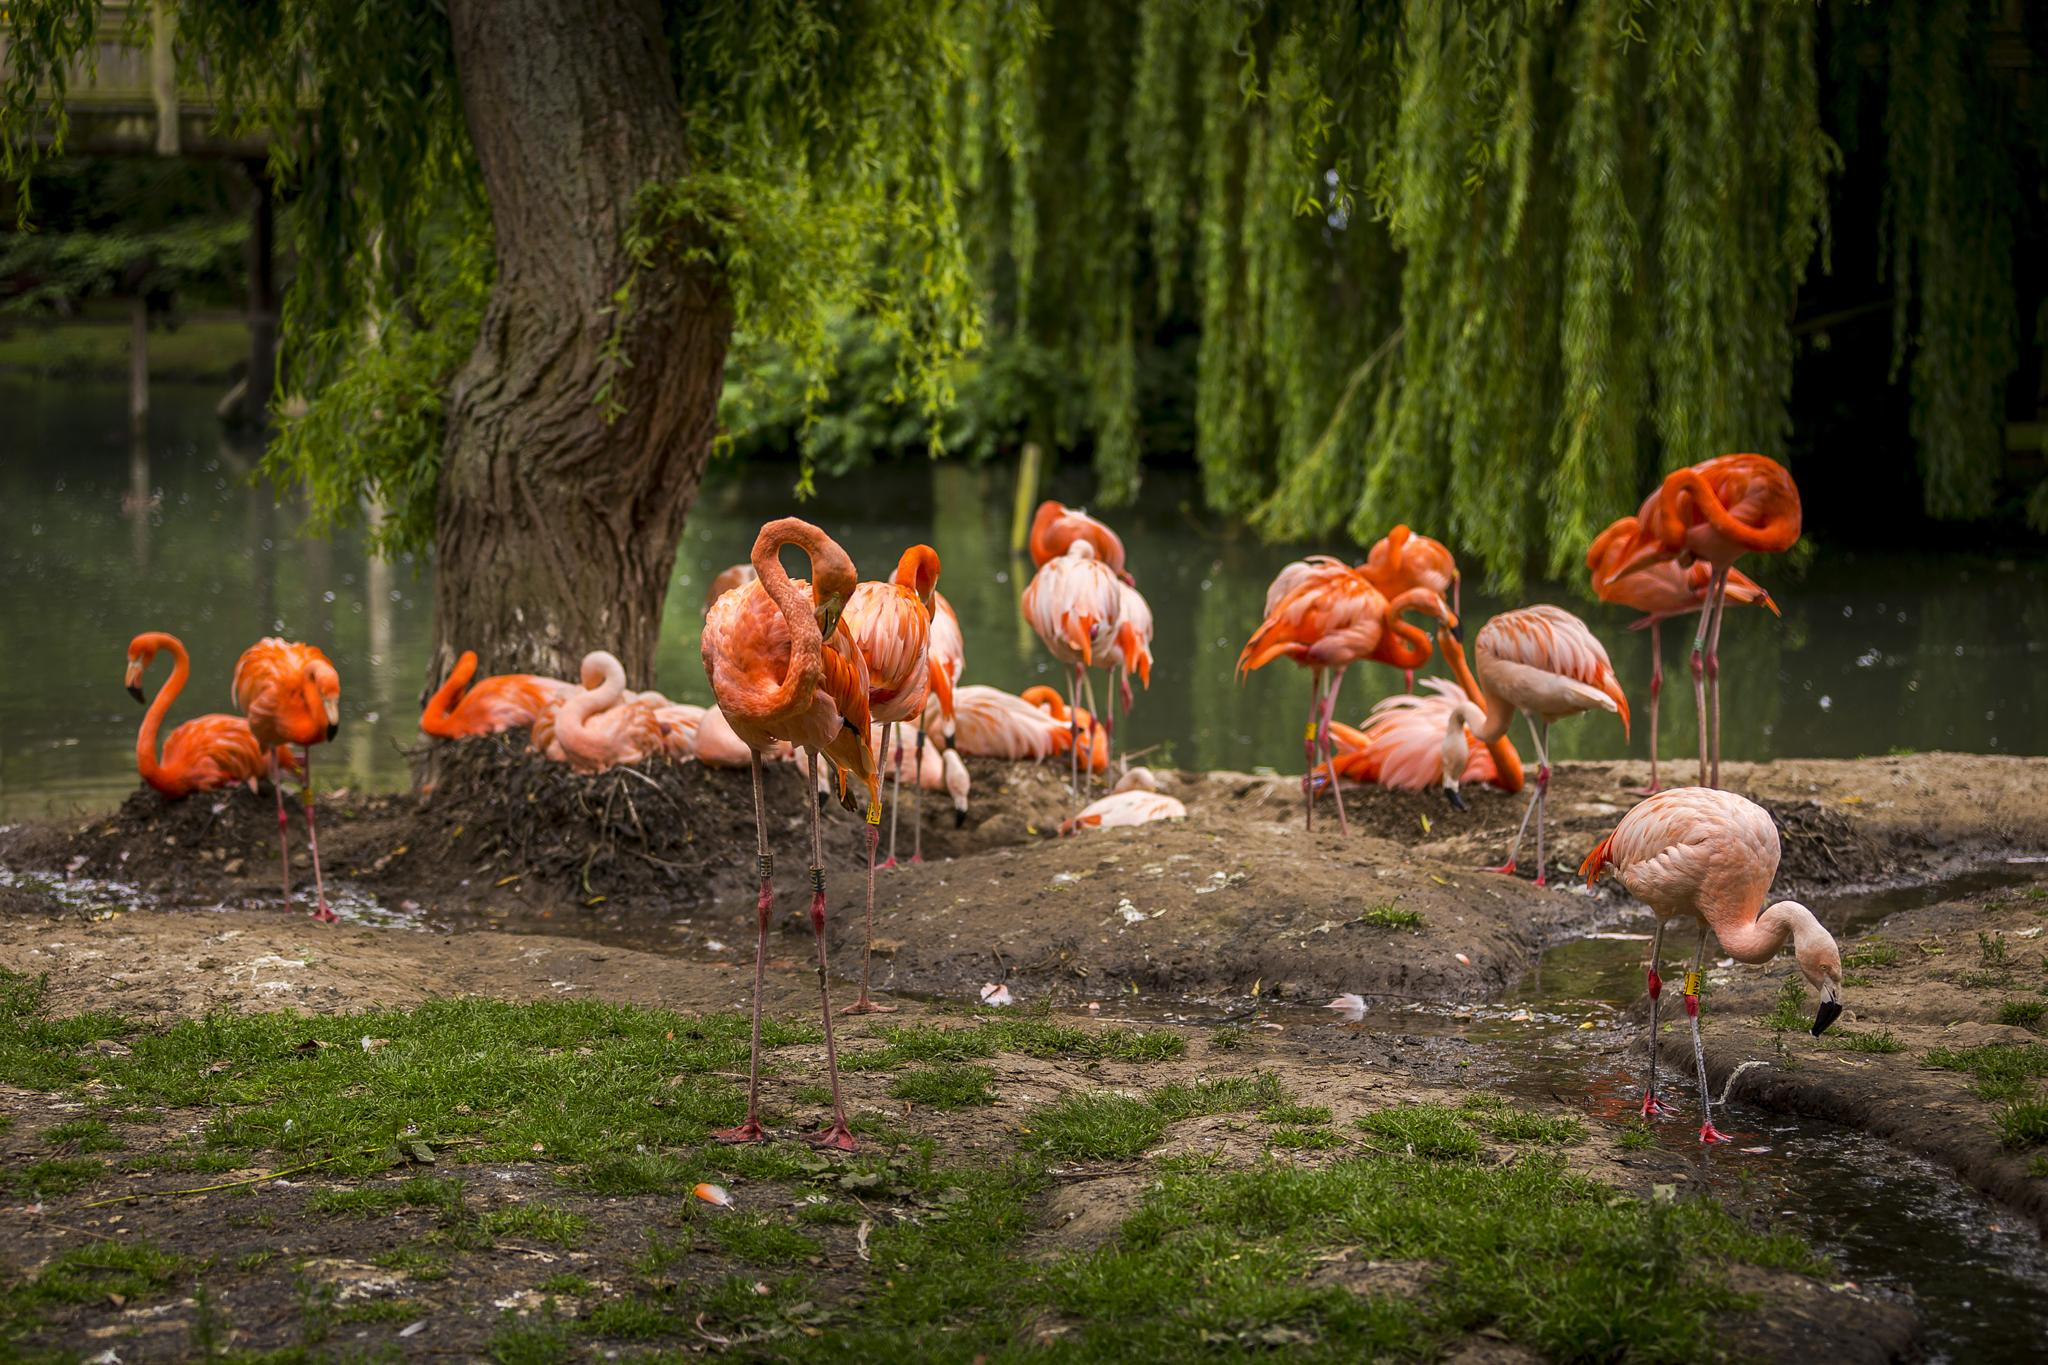 Flamingo's by Tony Shaw